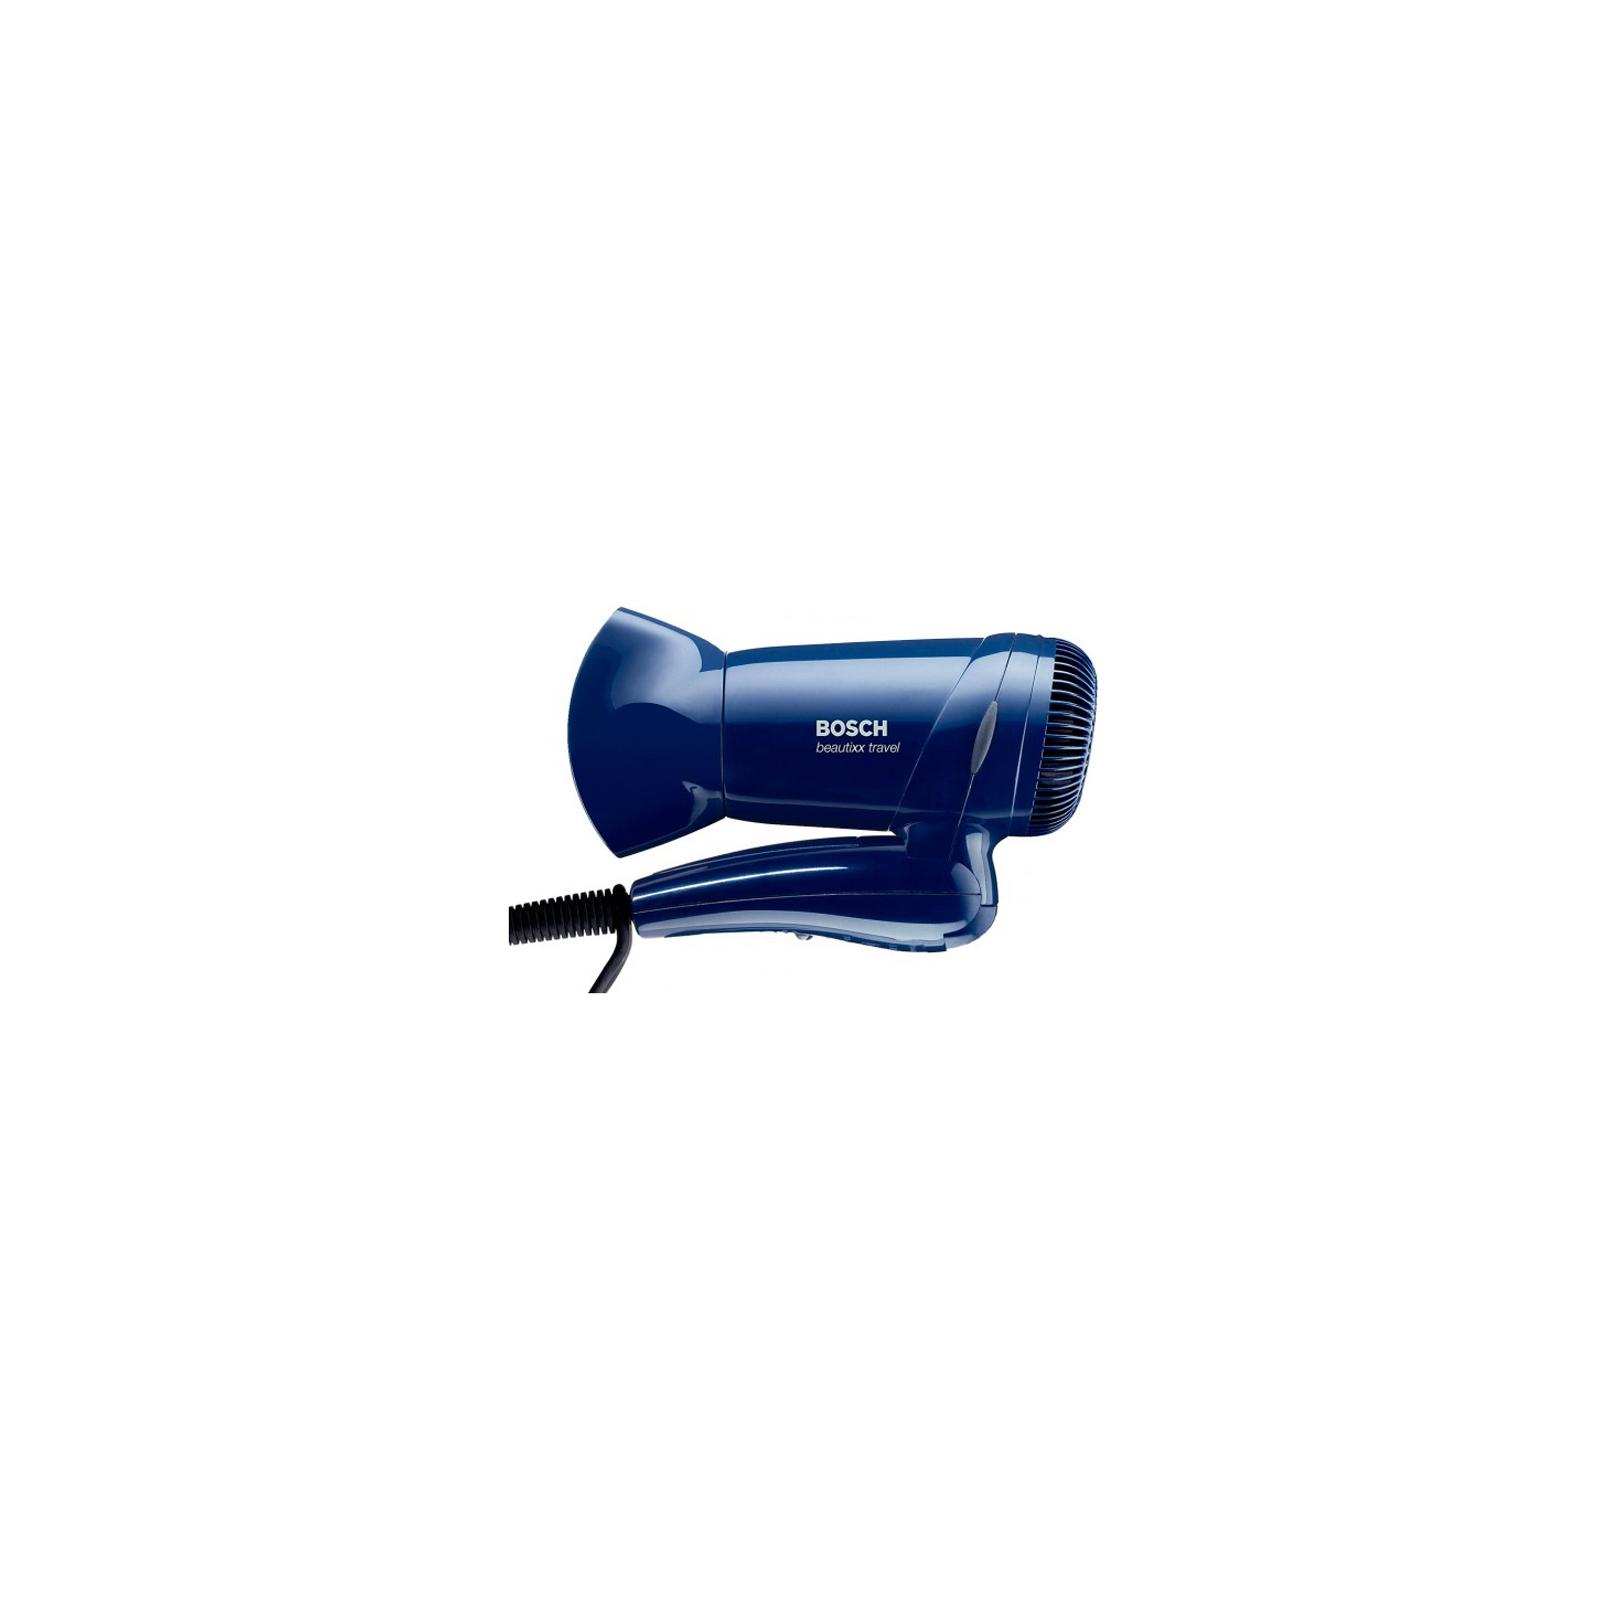 Фен BOSCH PHD1100 изображение 2